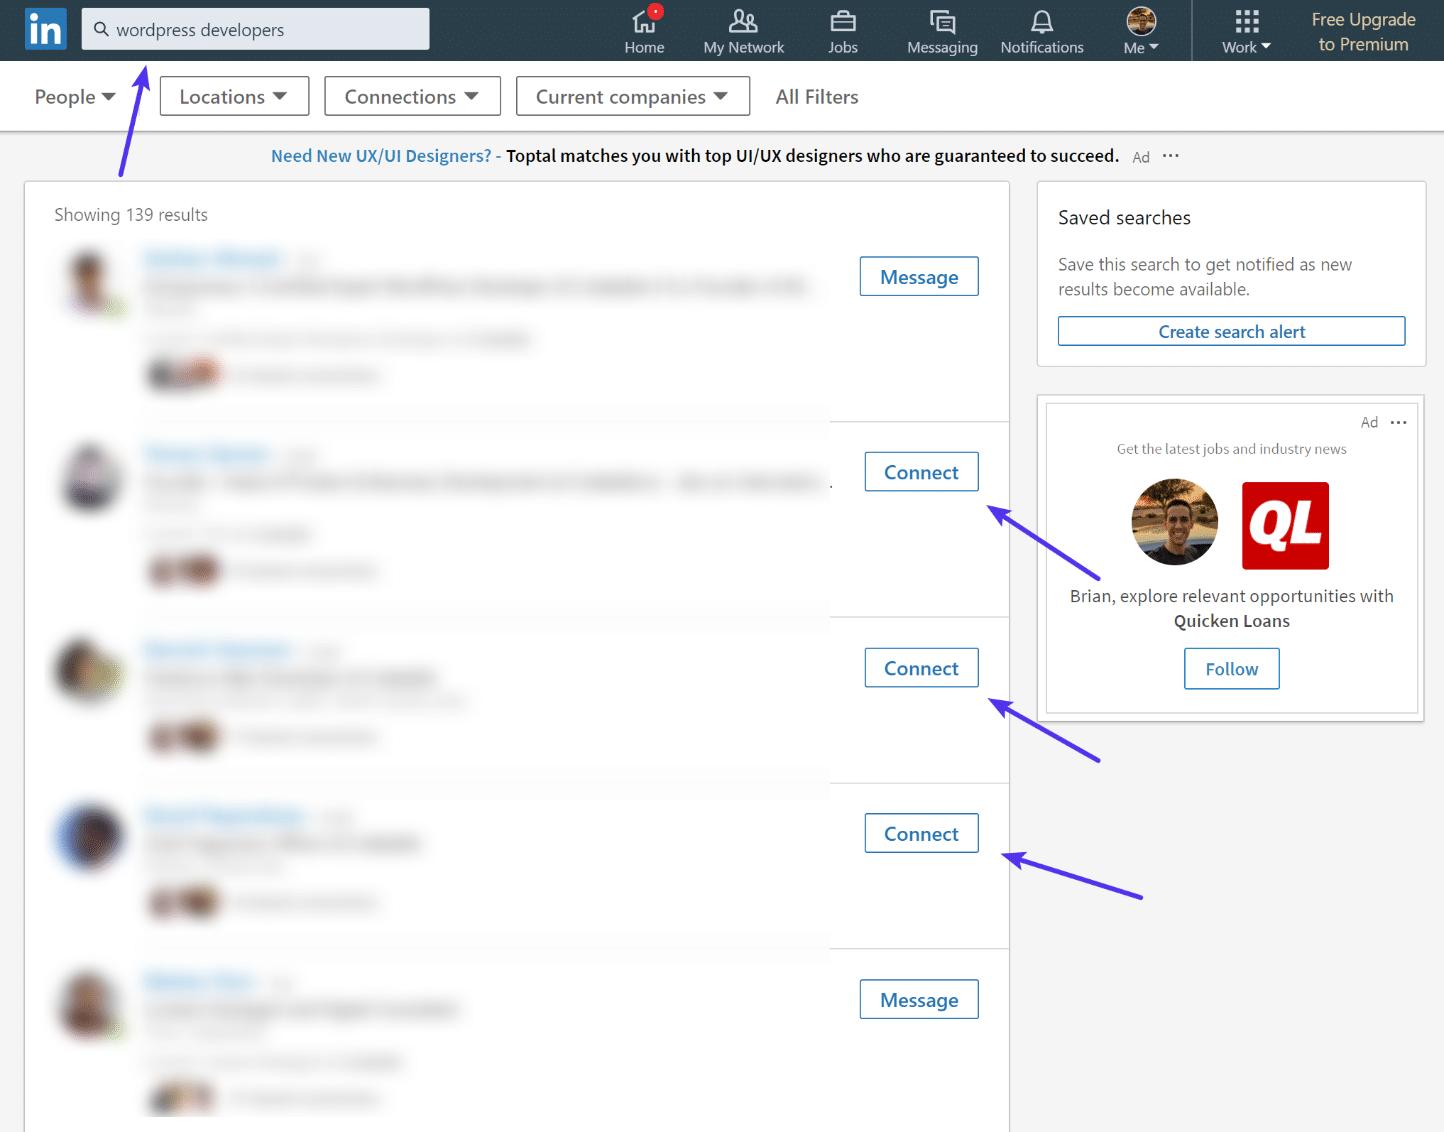 Nieuwe connecties in LinkedIn